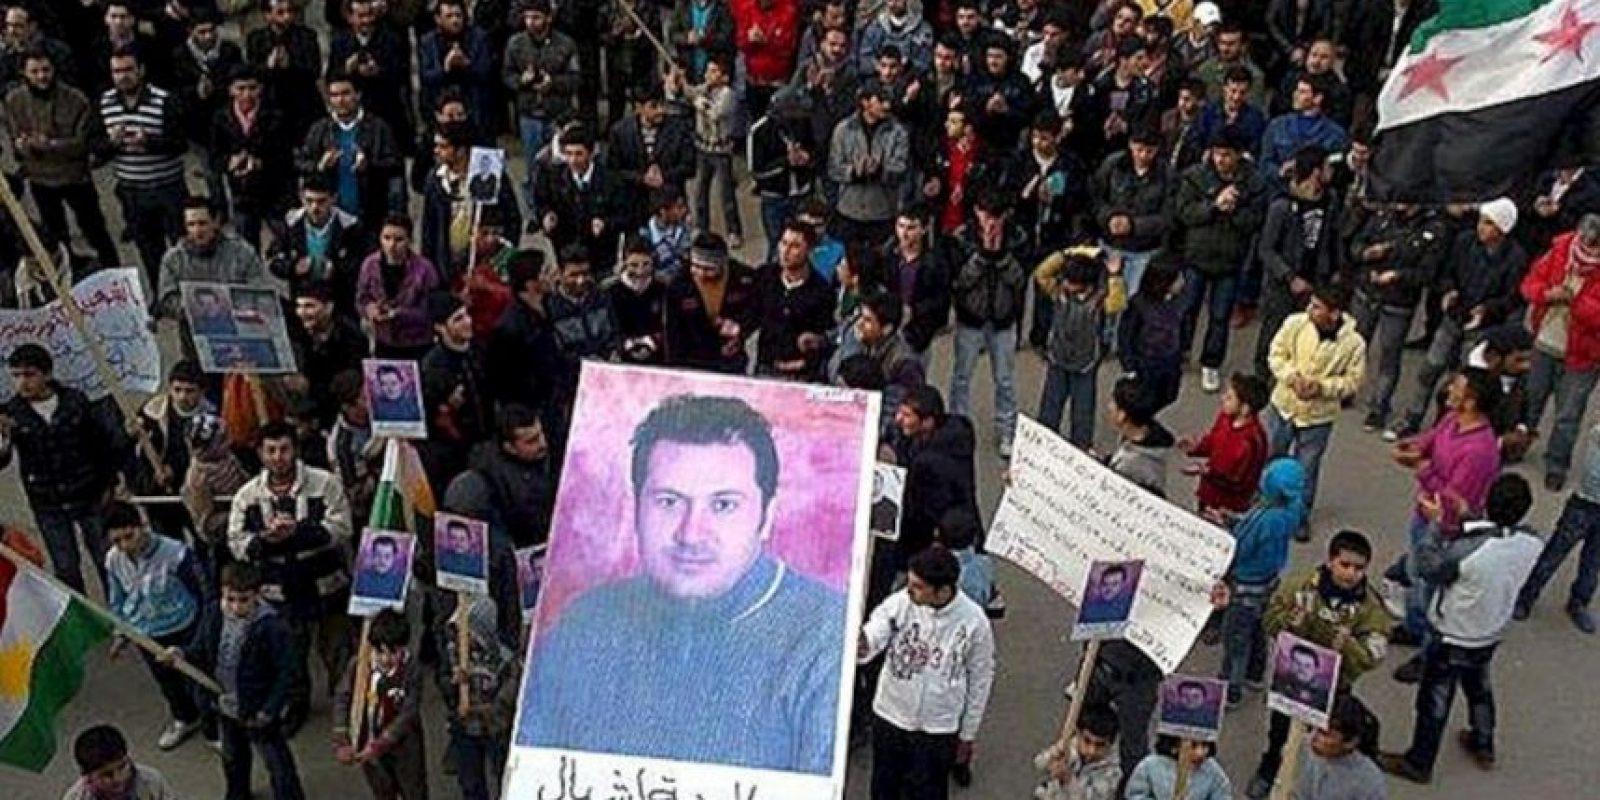 Foto sin fechar, facilitada el 13 de febrero por los Comités Locales de Coordinación (LCC) en Siria, que muestra una protesta para pedir la liberación de detenidos en Amoda, en el norte de Siria. EFE/Archivo